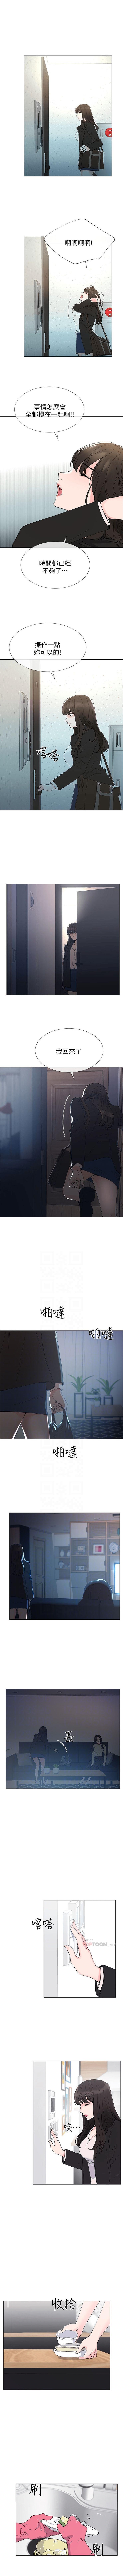 (週5)重考生 1-52 中文翻譯(更新中) 257